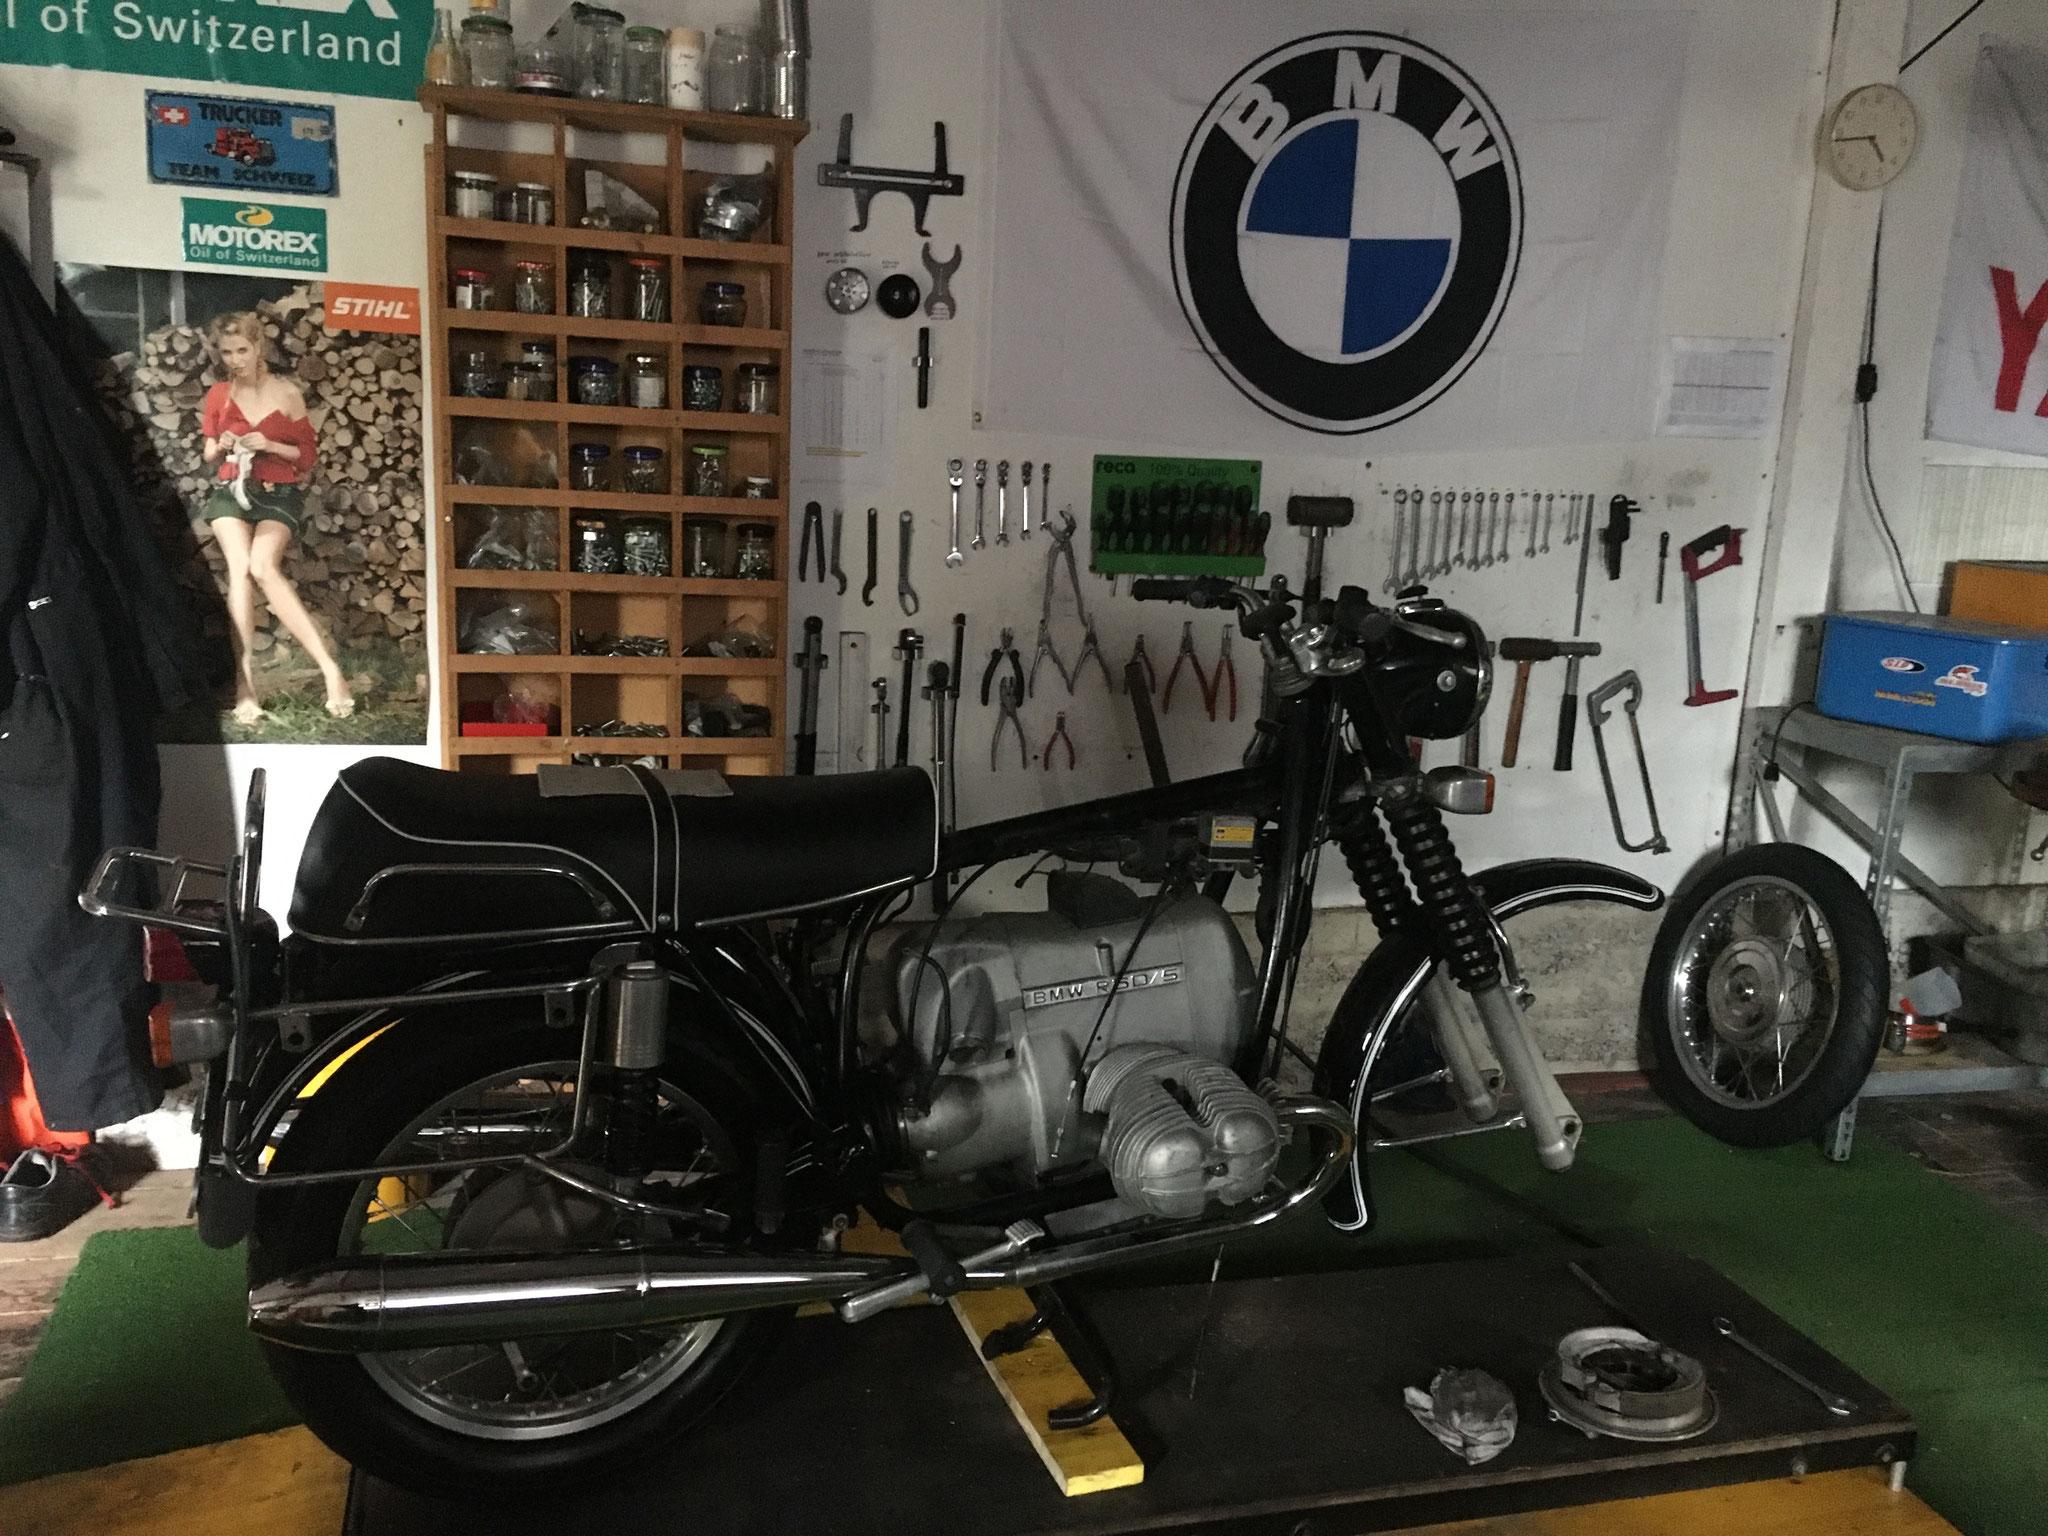 Neues Projekt  Bmw R 60/5 Jg.1969 von Kurt